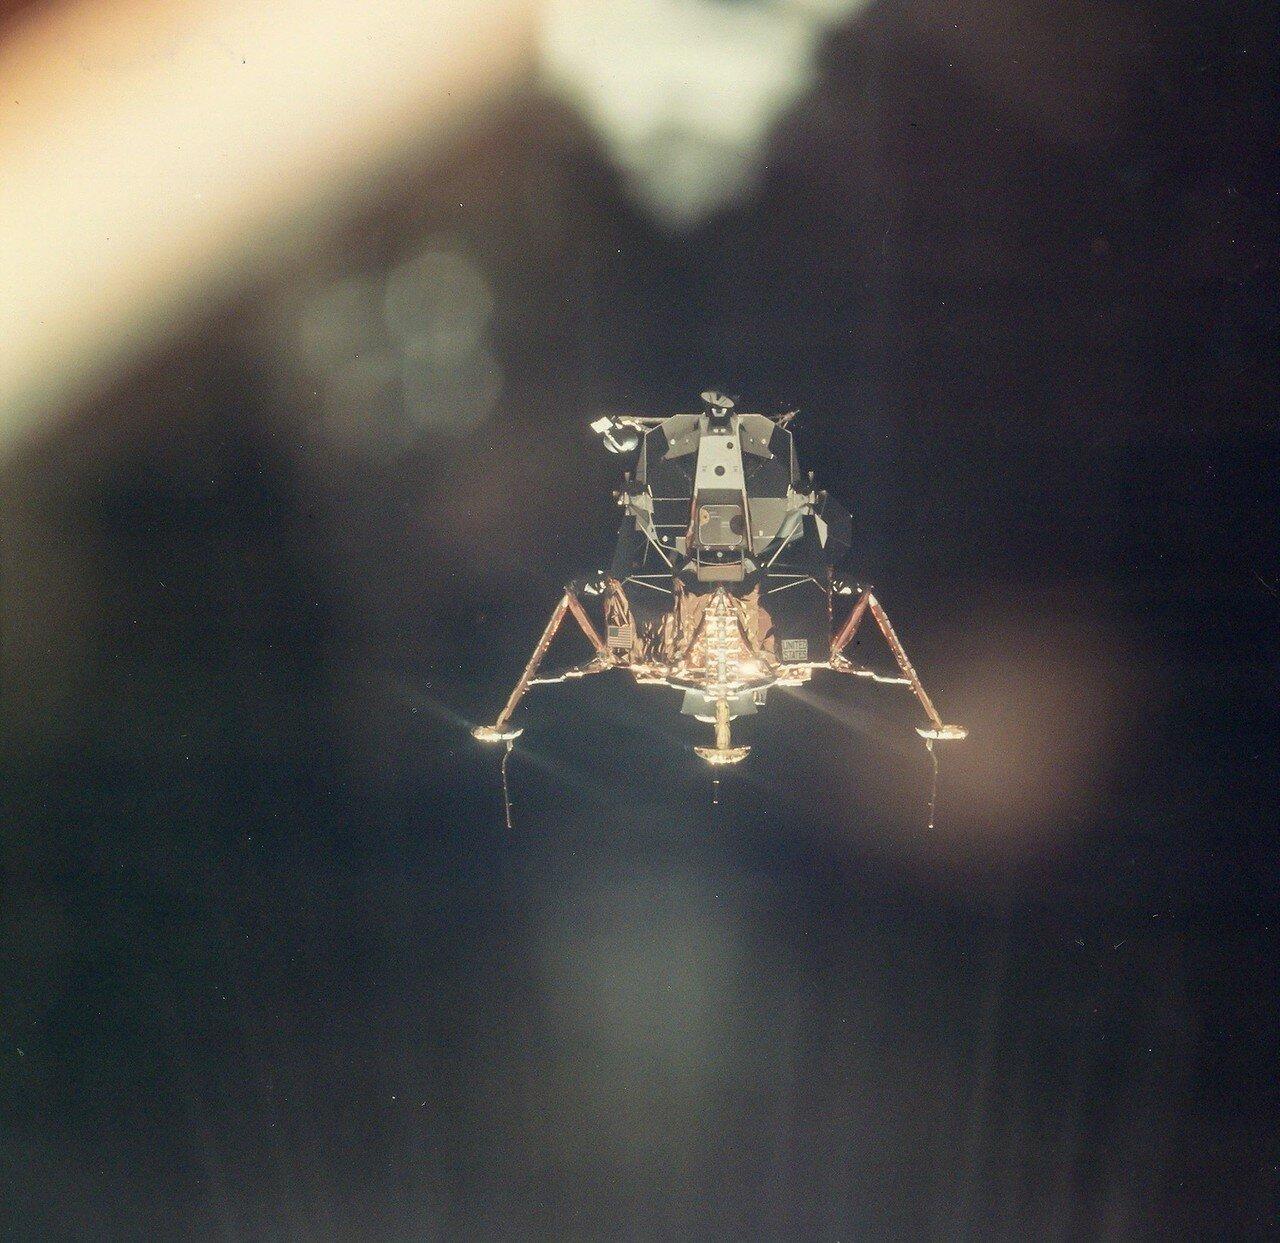 В начале 13-го витка, когда «Аполлон-11» находился над обратной стороной Луны, «Колумбия» и «Орёл» расстыковались. На снимке: Лунный модуль «Орёл»  отделяется от корабля для спуска на Луну